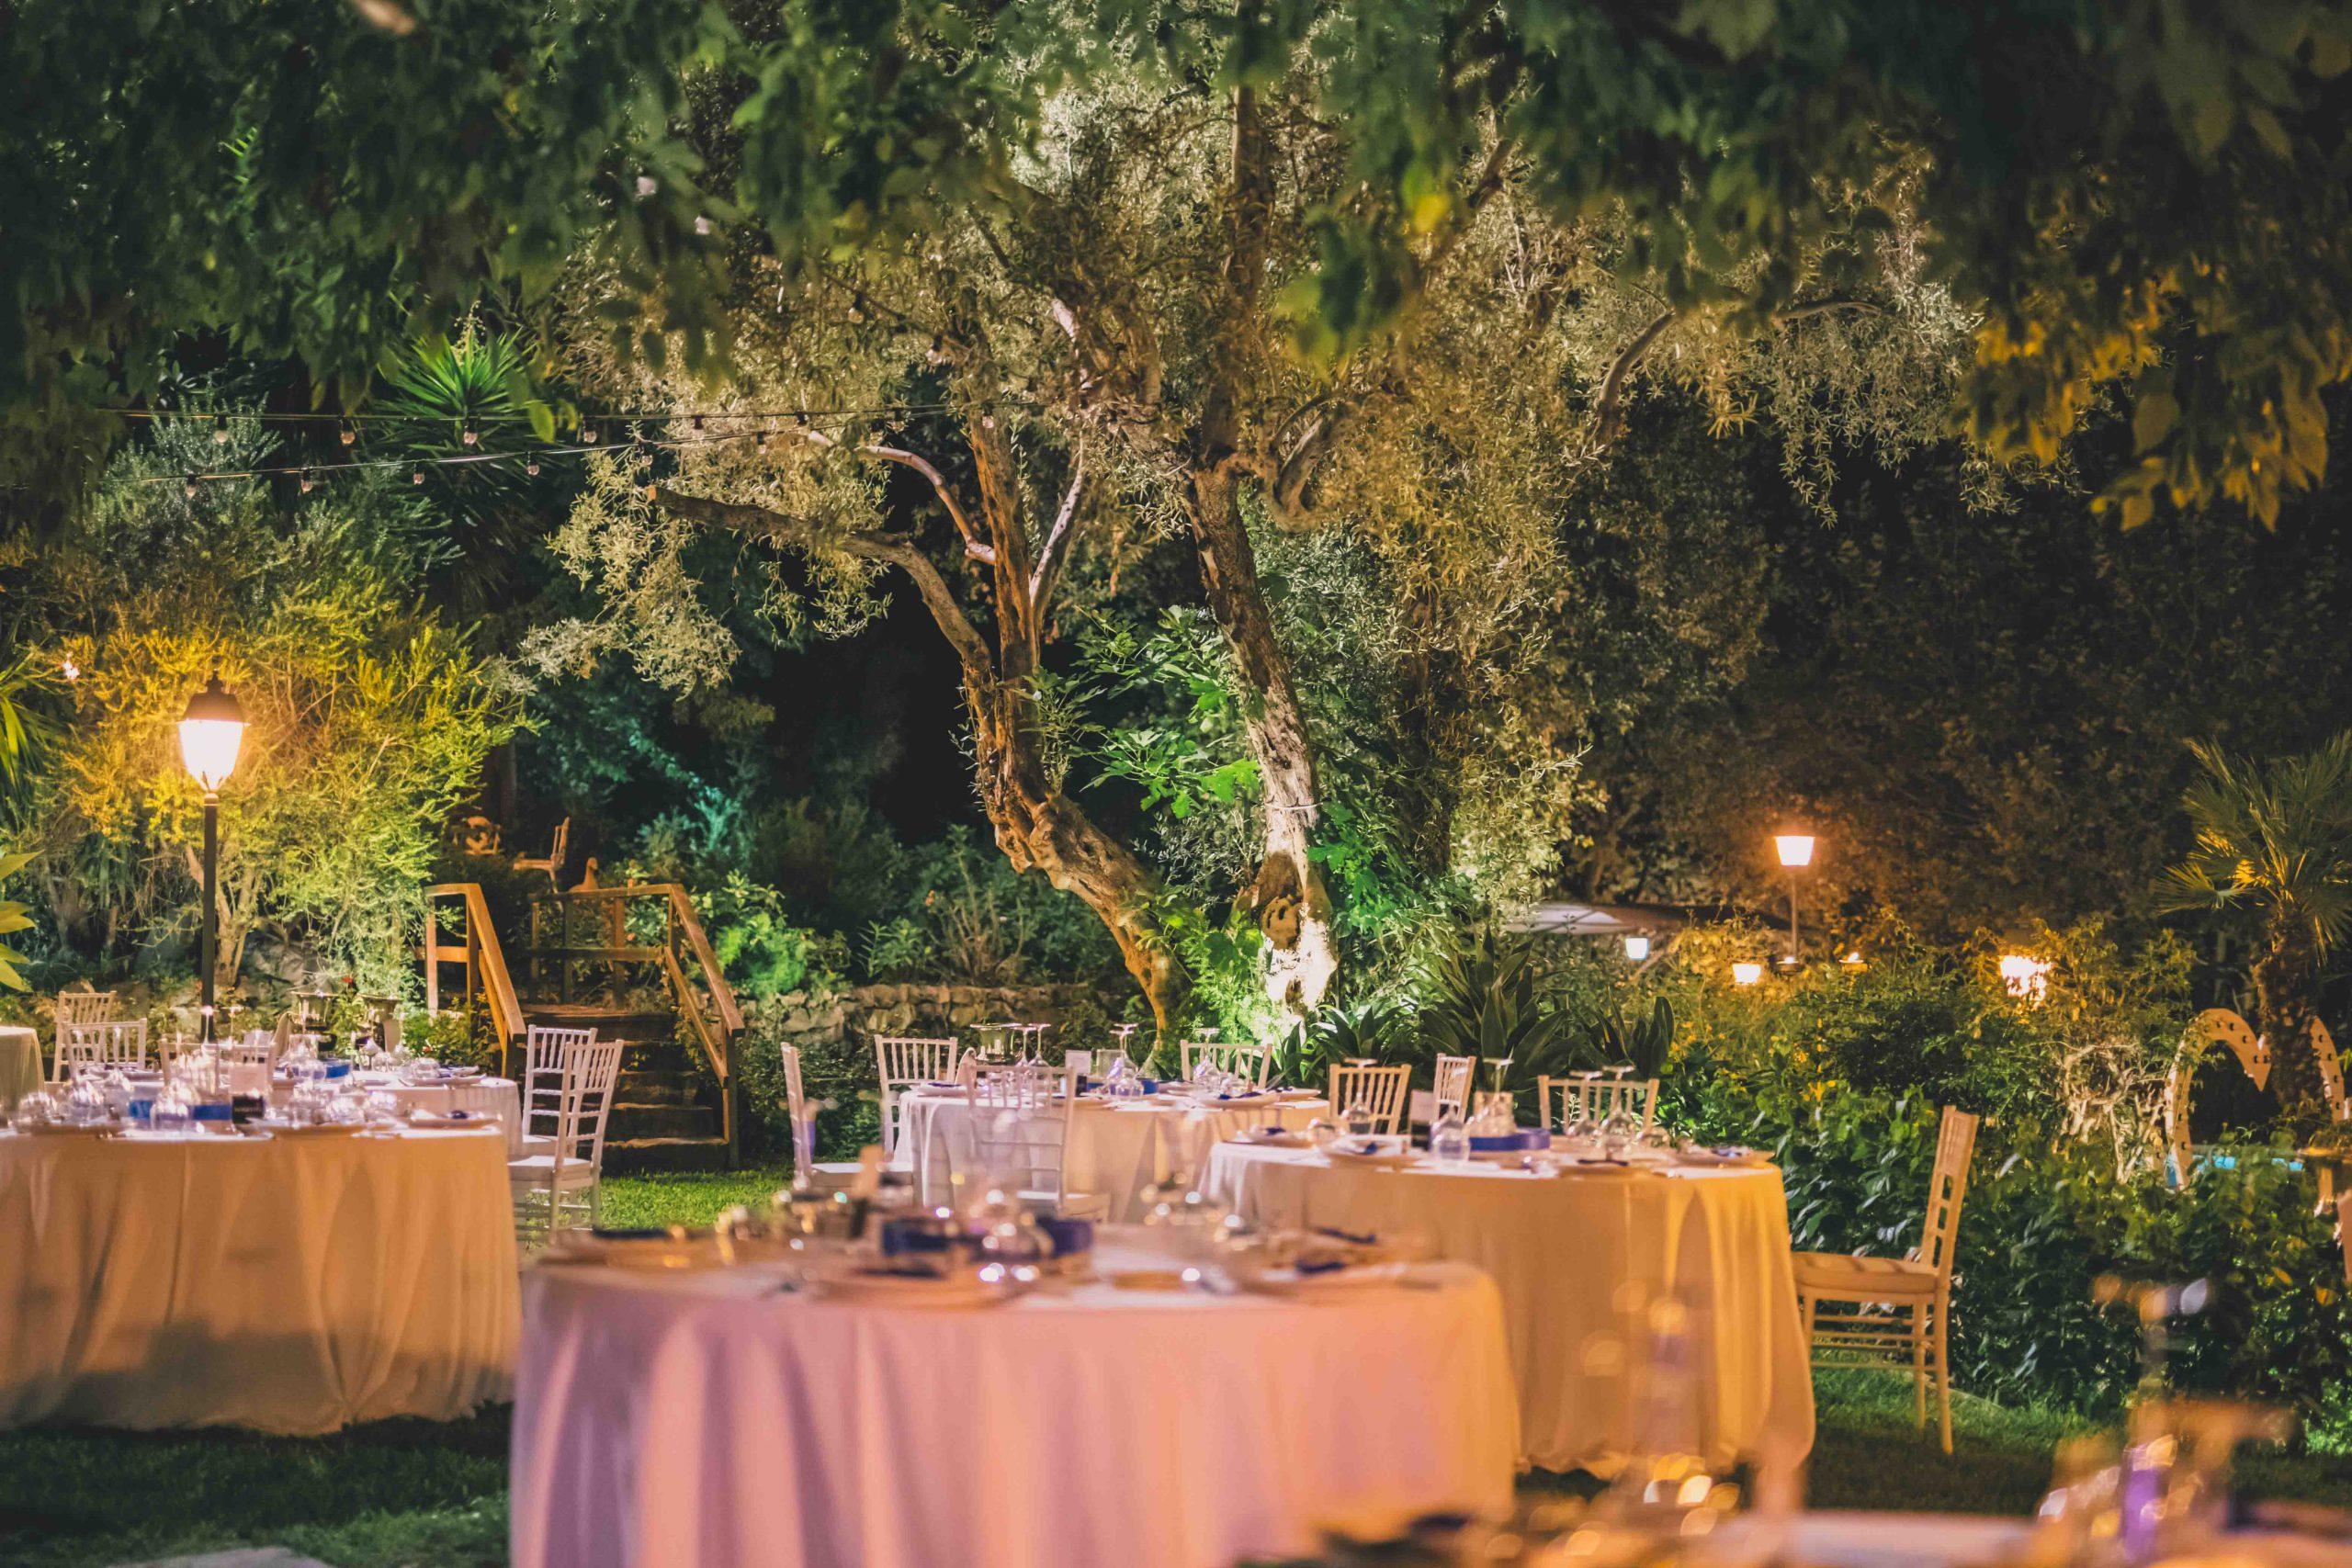 I momenti più magici sono quelli che riesci a ricordare per sempre, come il giorno del tuo matrimonio. Tra tavole imbandite, balli intensi e ospiti felici Villa Musmeci rende omaggio e custodisce i tuoi giorni migliori.